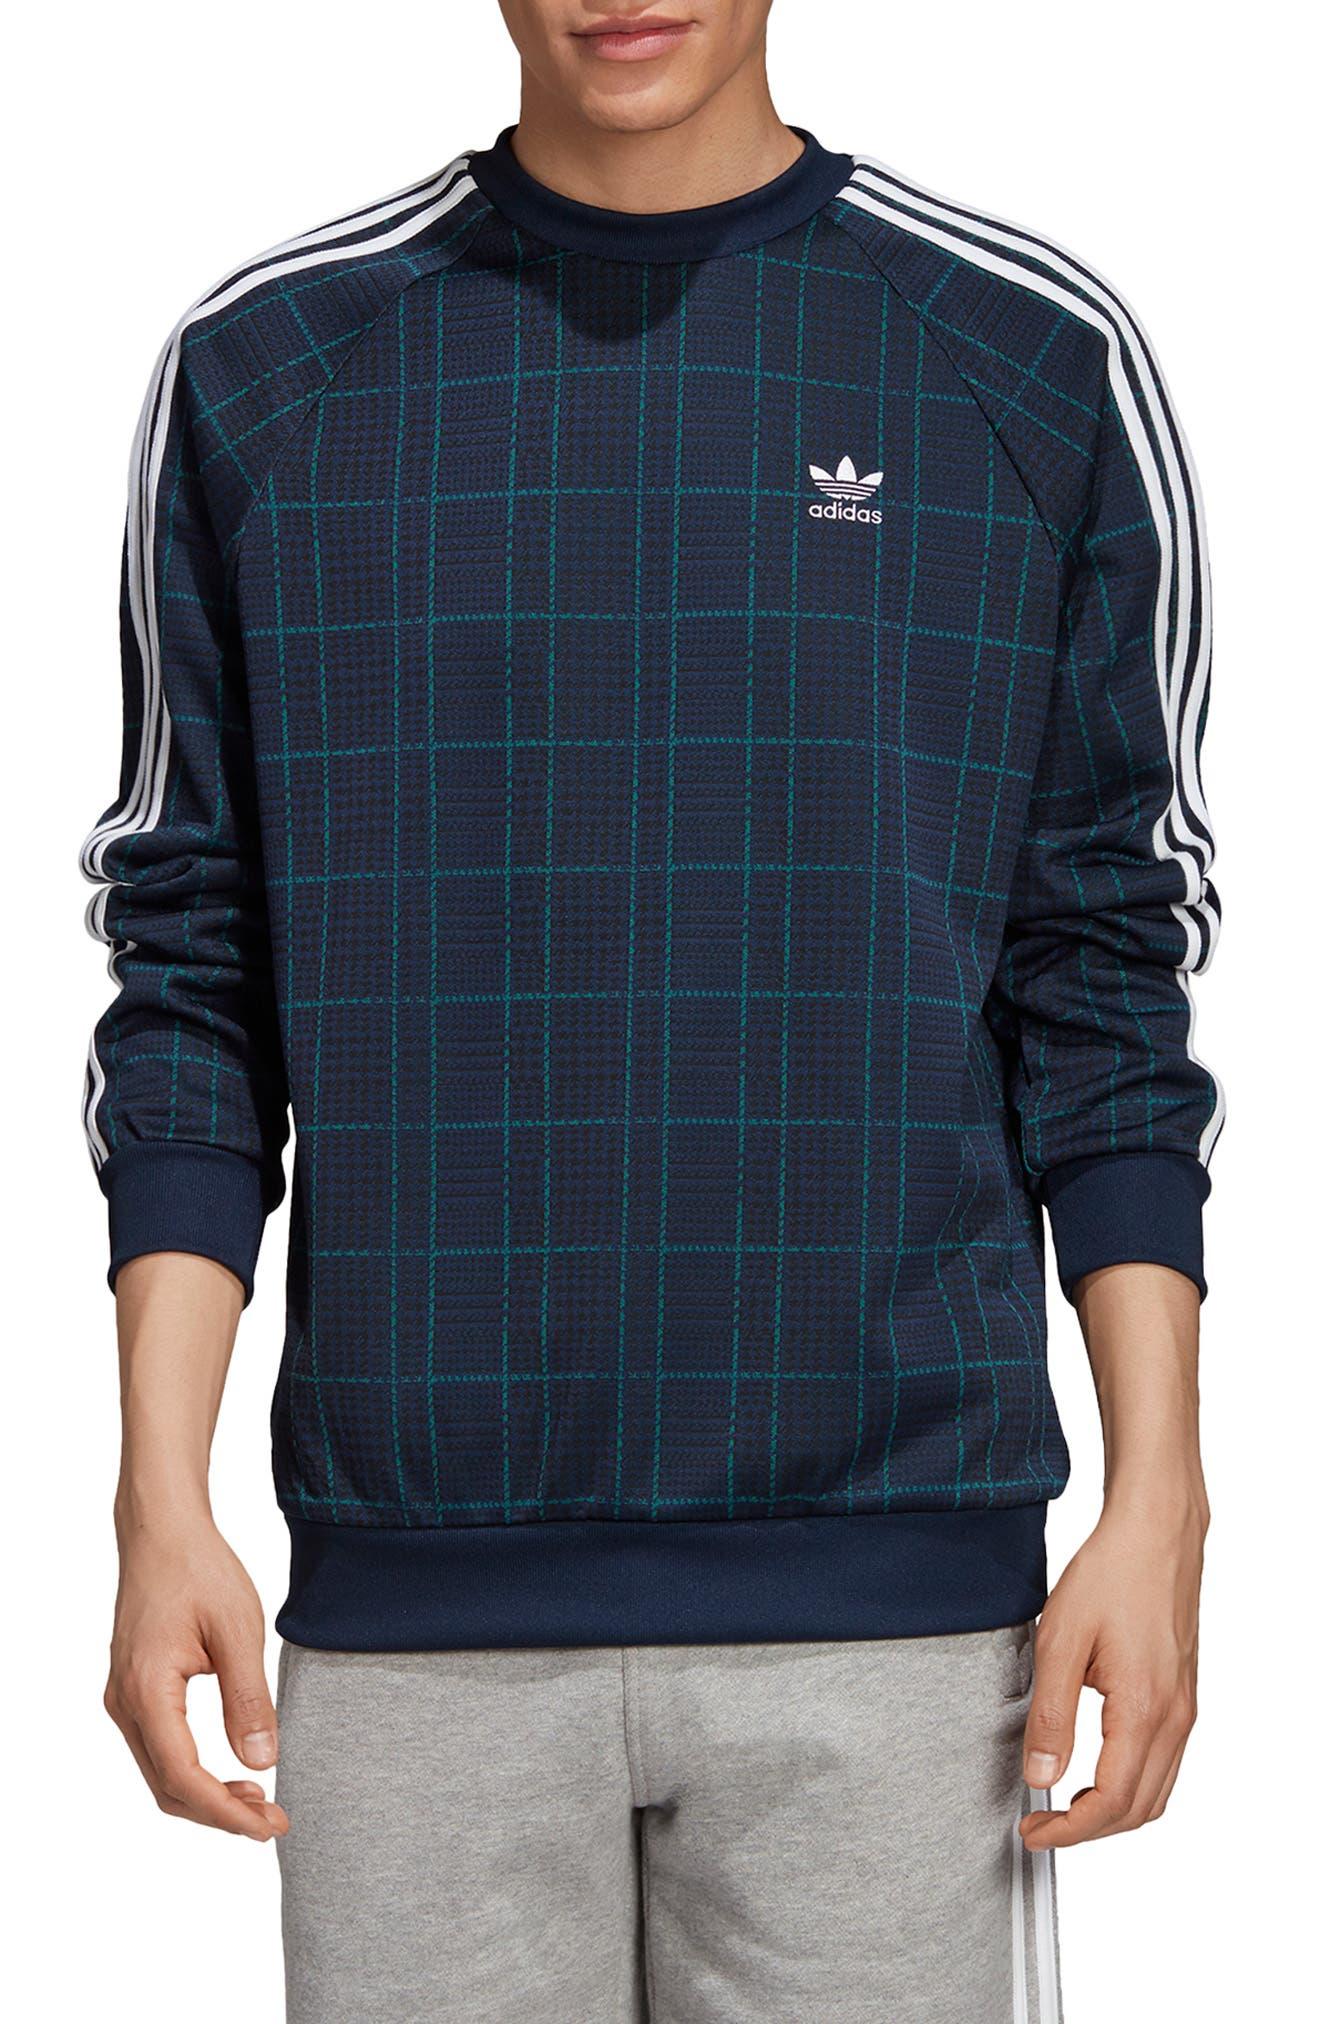 Men's Hoodies & Sweatshirts | Nordstrom